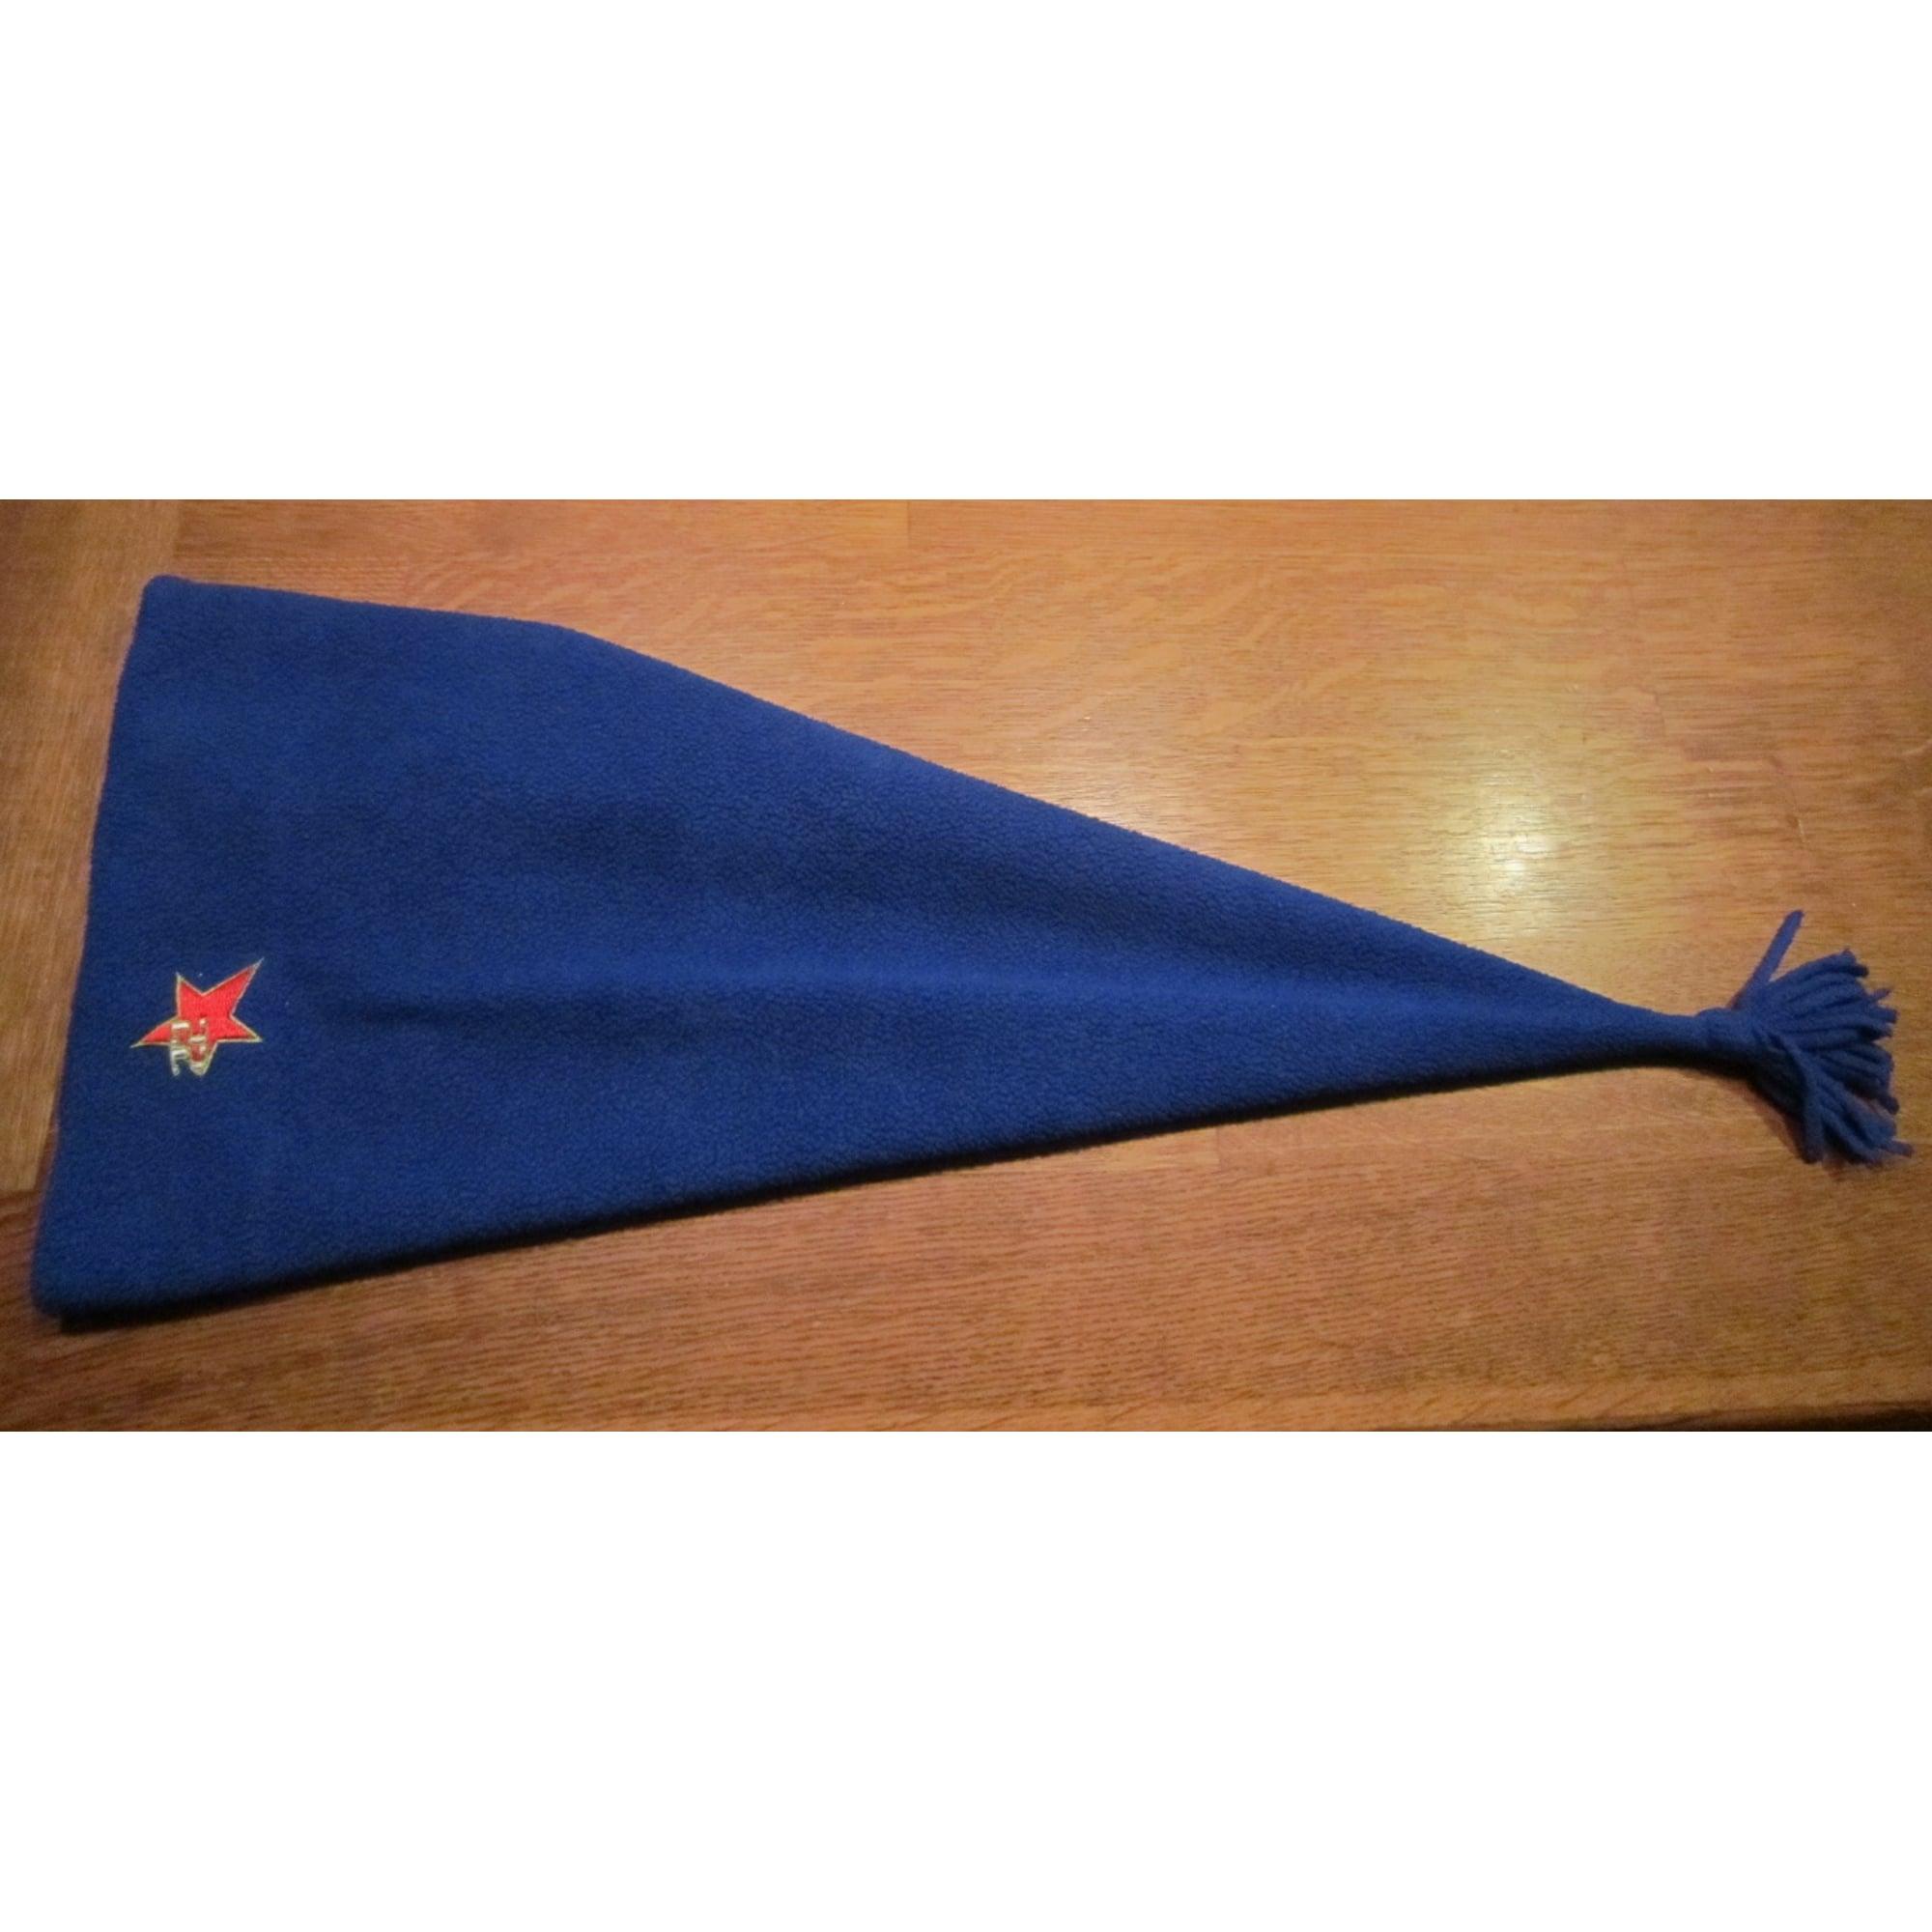 Bonnet ETIREL Bleu, bleu marine, bleu turquoise